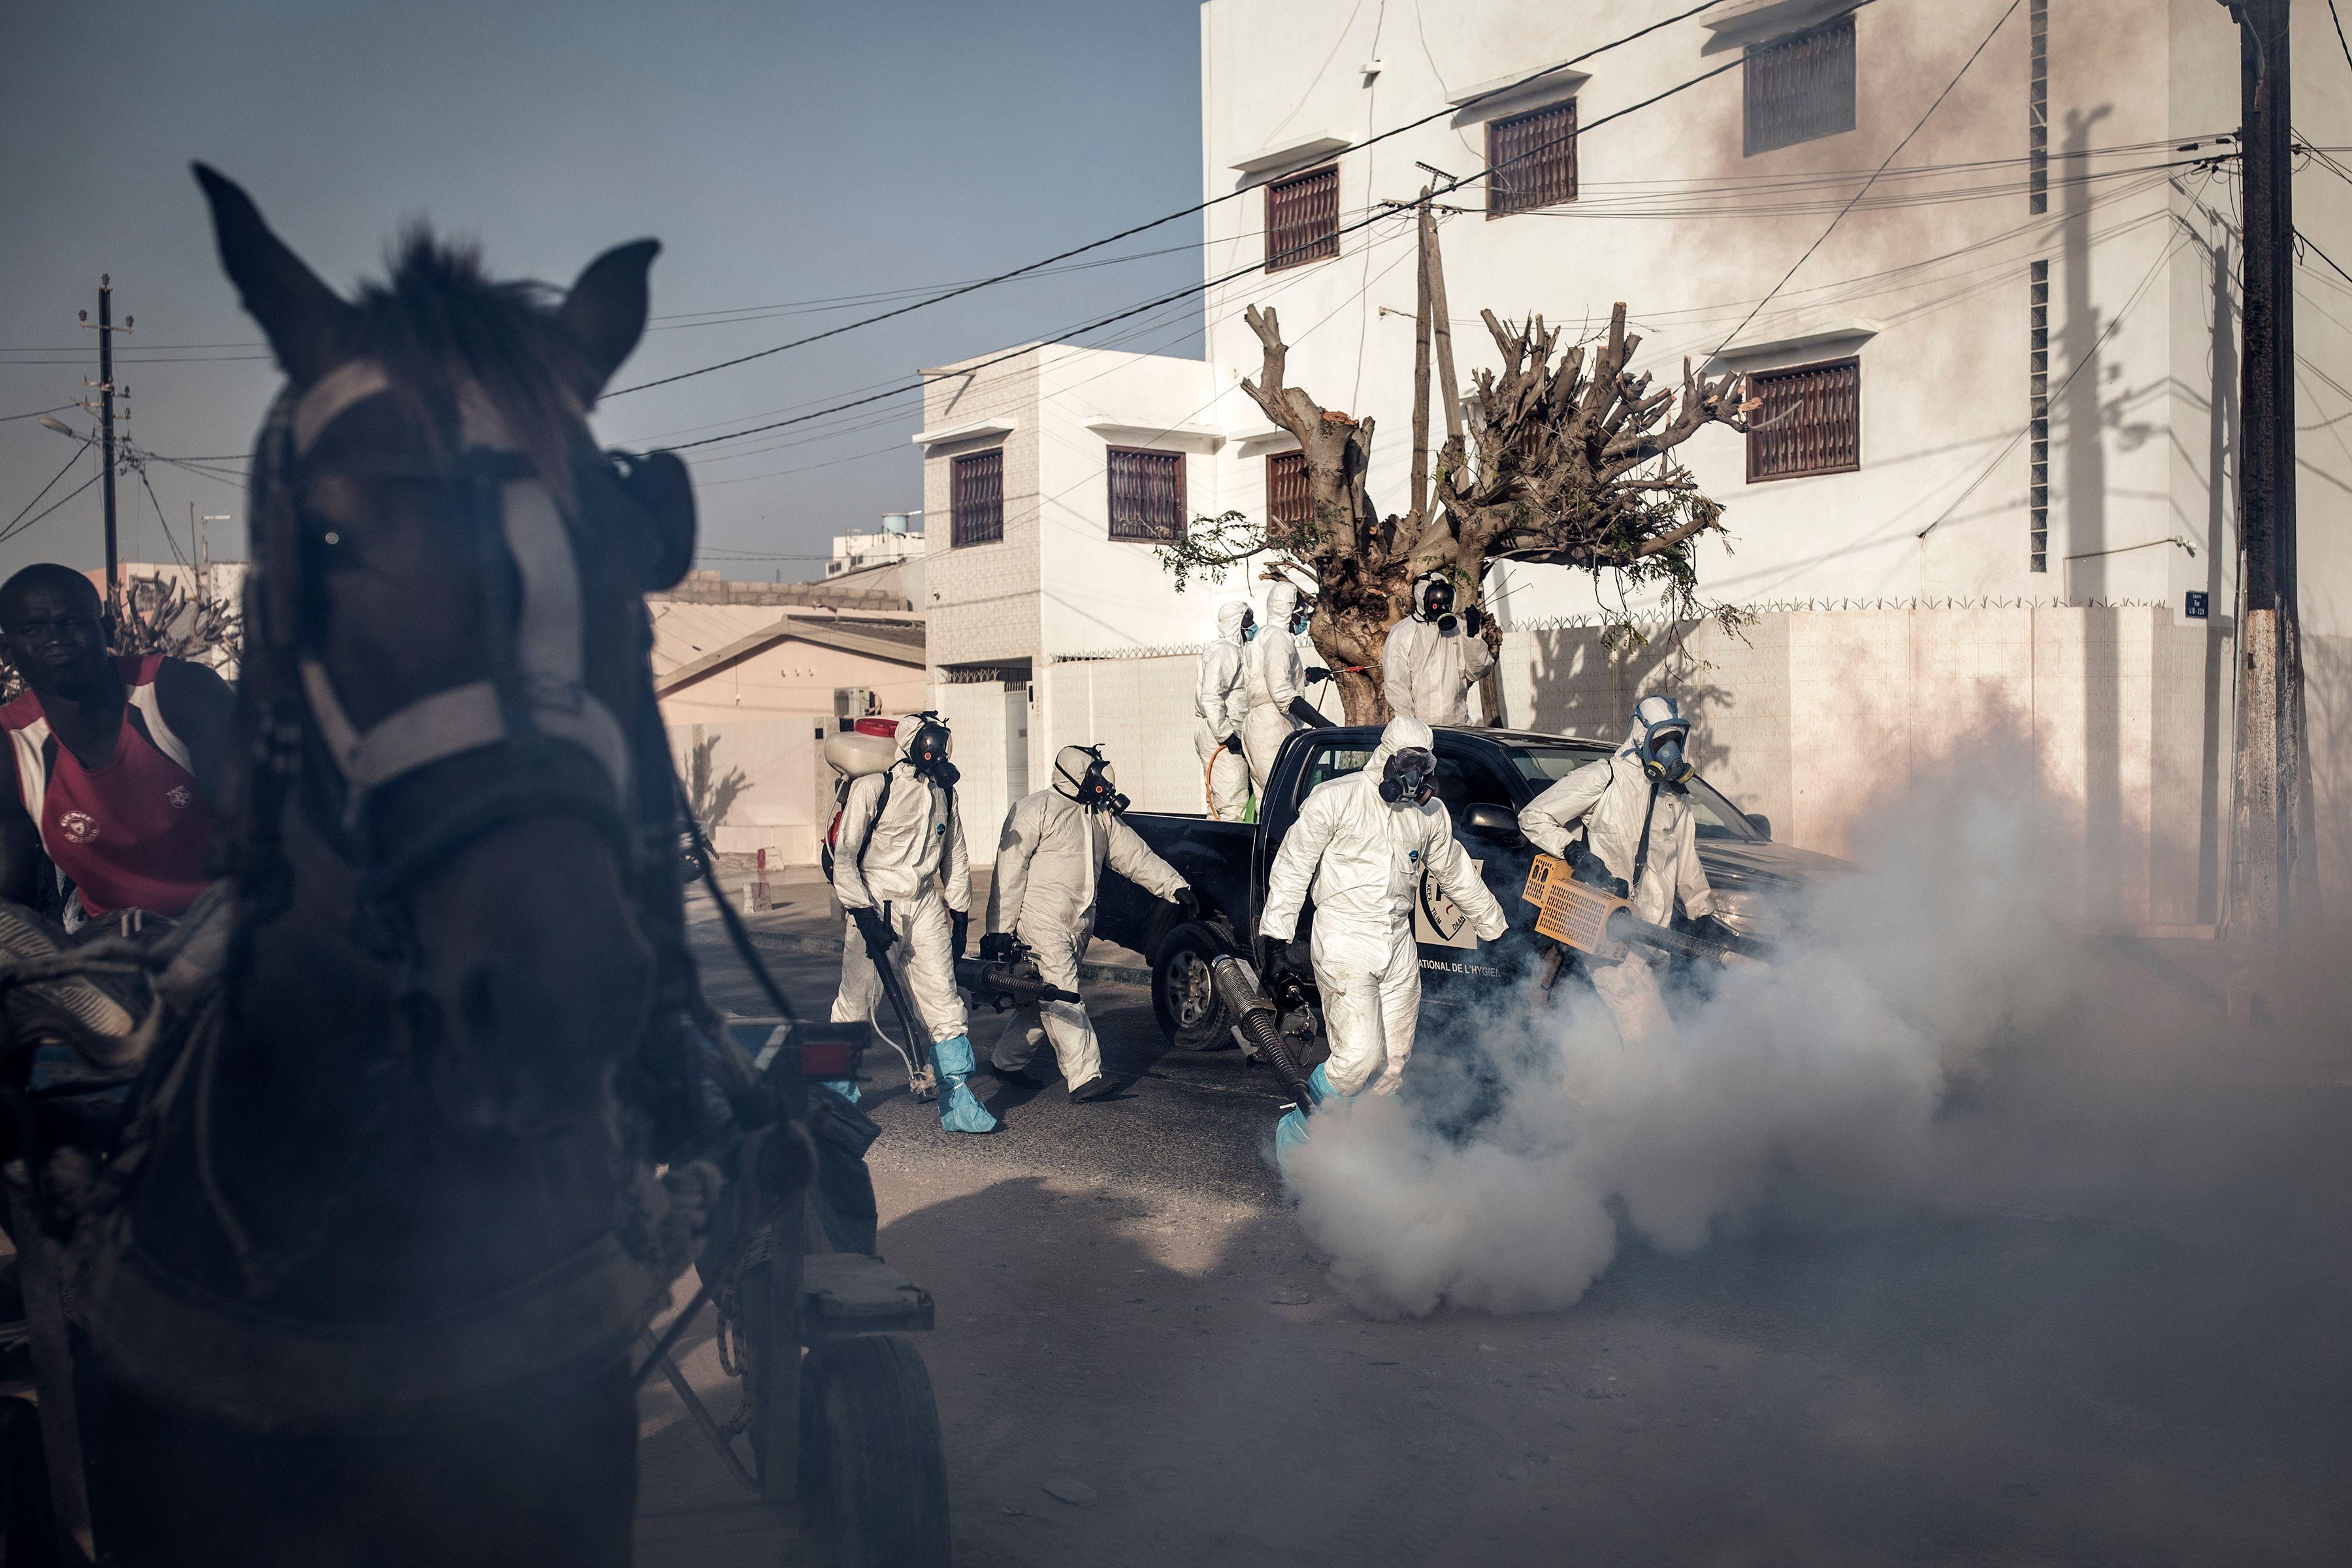 Trabajadores desinfectan calles en Dakar.